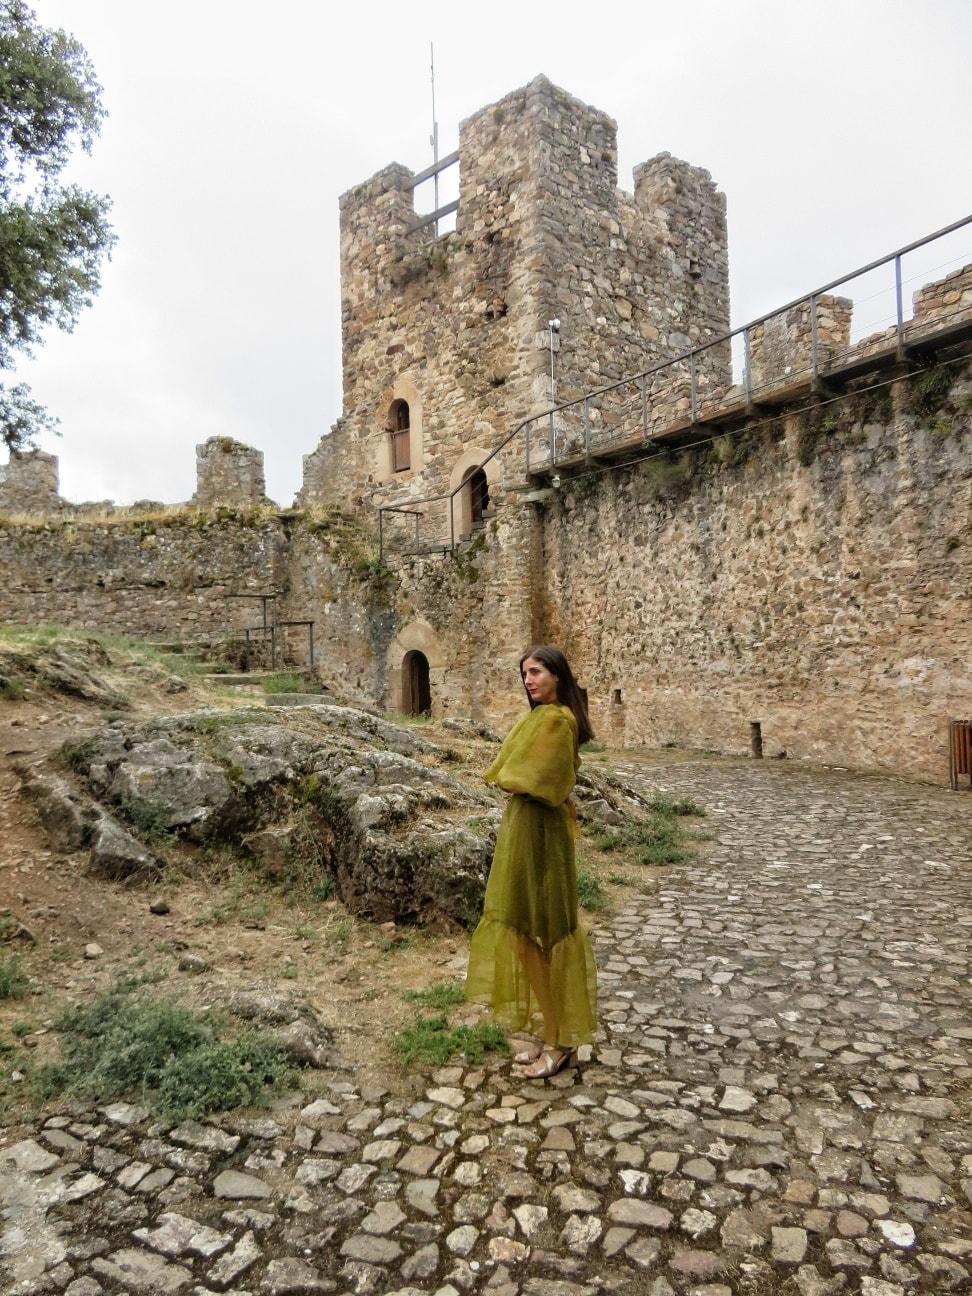 La escritora Espido Freire se fotografía en el Castillo de Cornatel en una visita por tierras bercianas 4